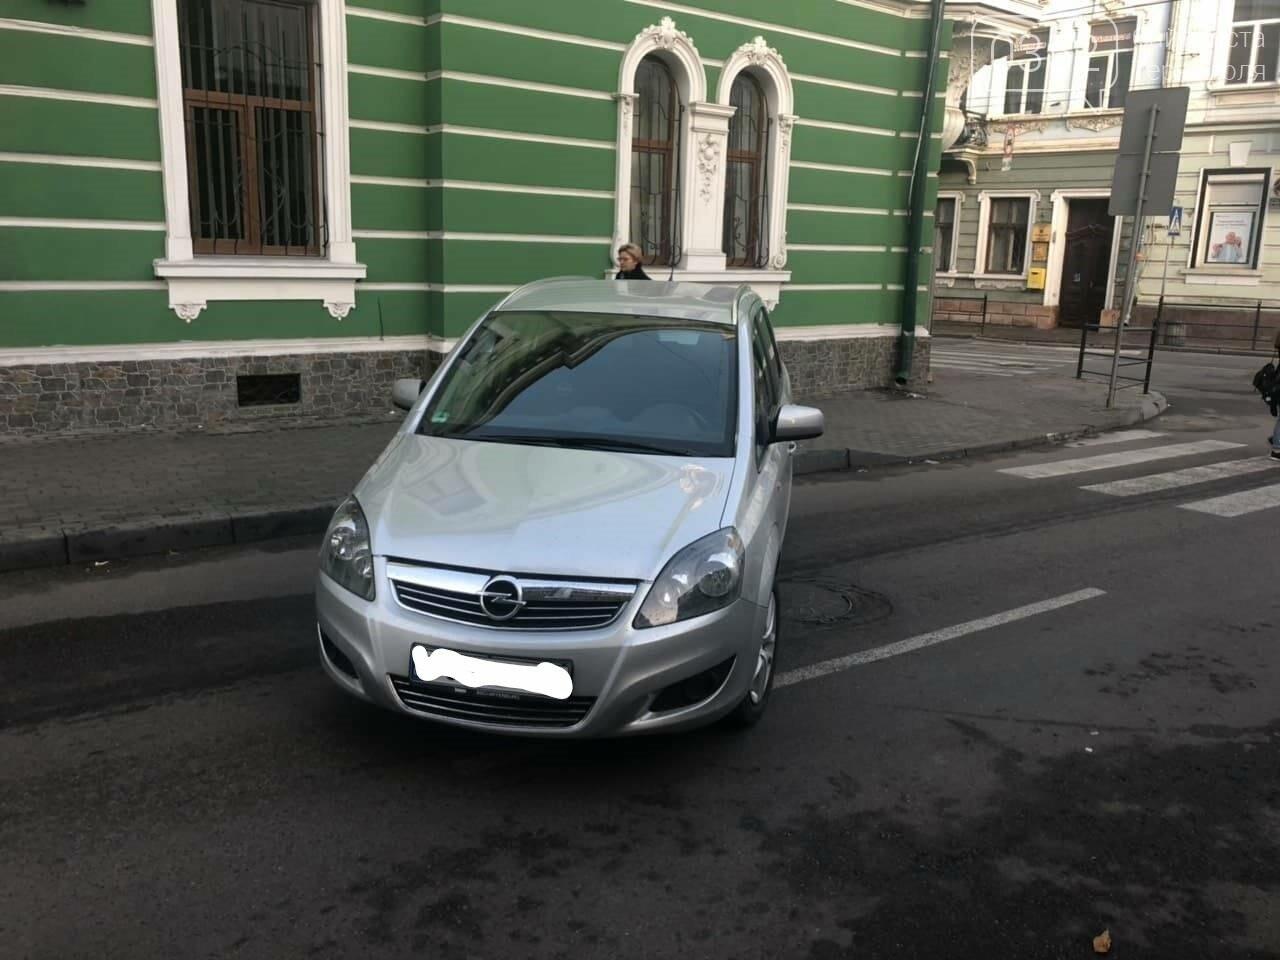 У Тернополі на вулиці Січових Стрільців невідомий припаркував своє авто посеред дороги (ФОТО), фото-1